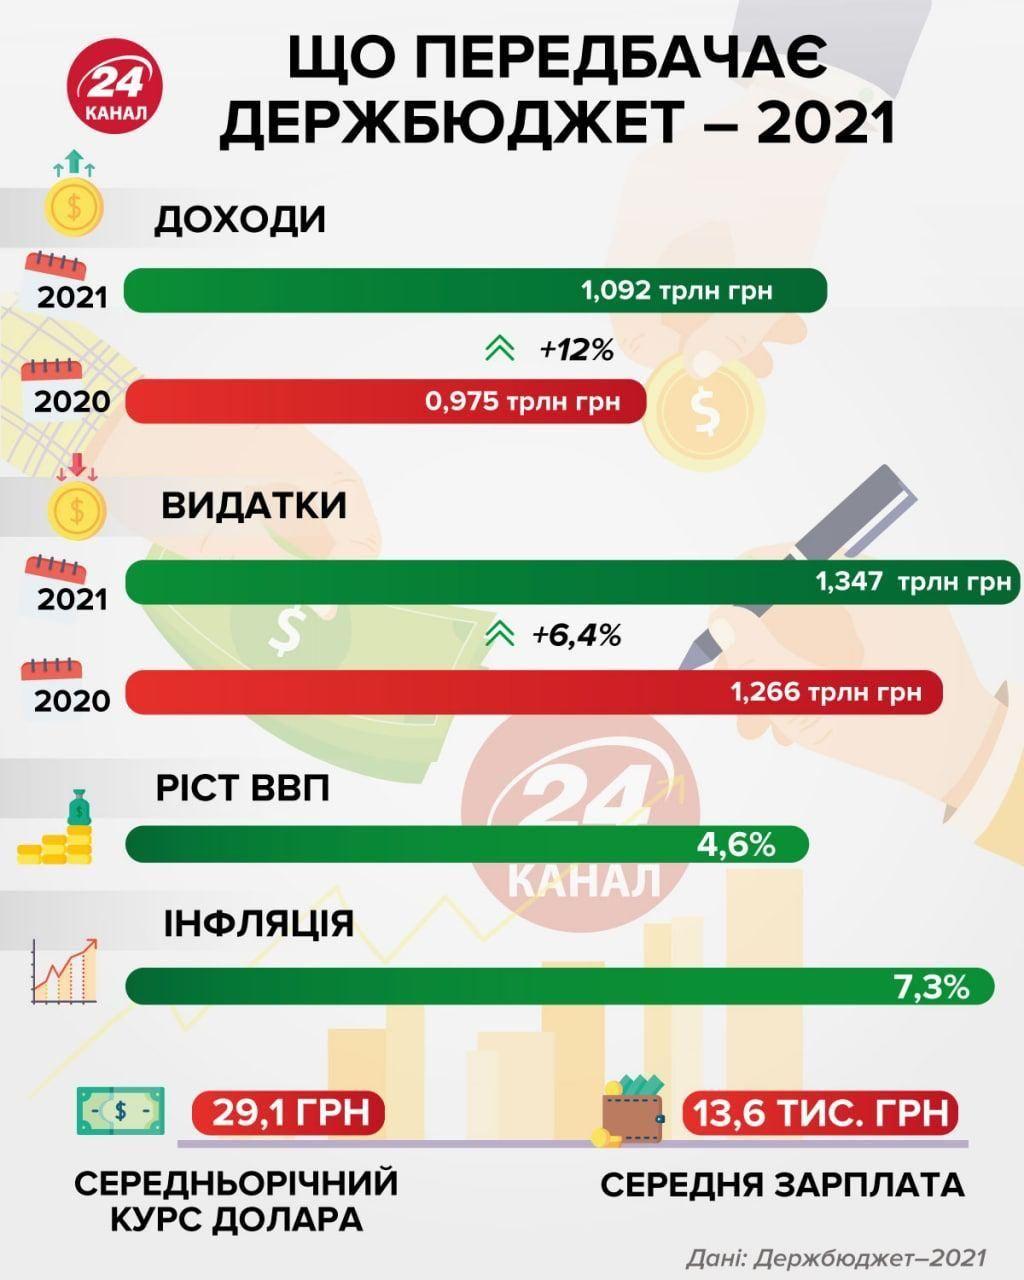 Що передбачає держбюджет на 2021 рік